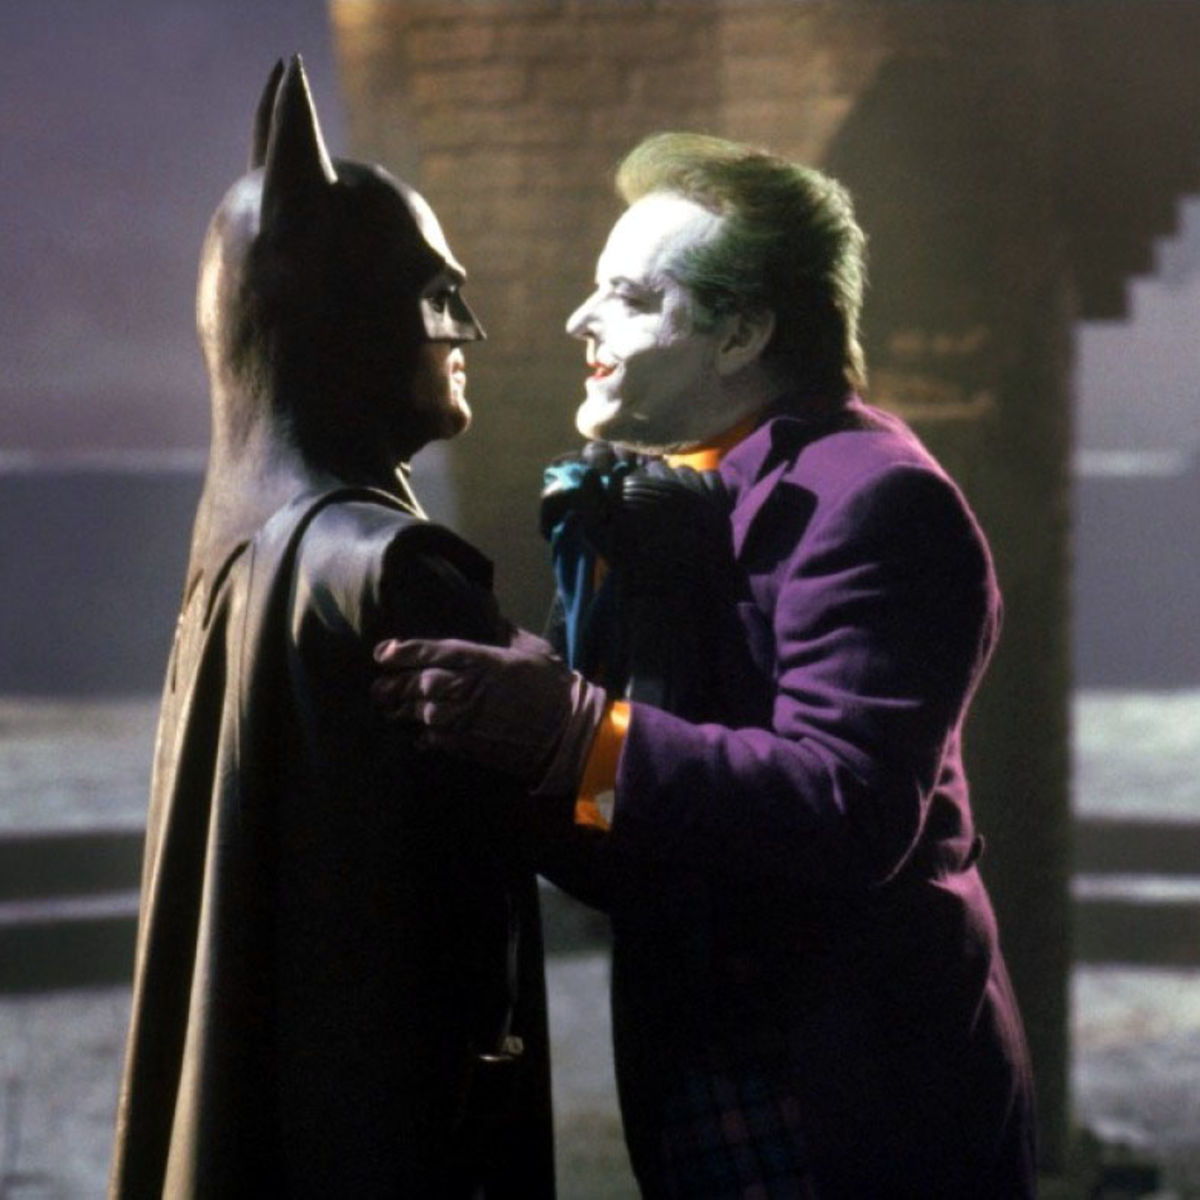 Batman-1989-batman-confronts-the-joker.jpg